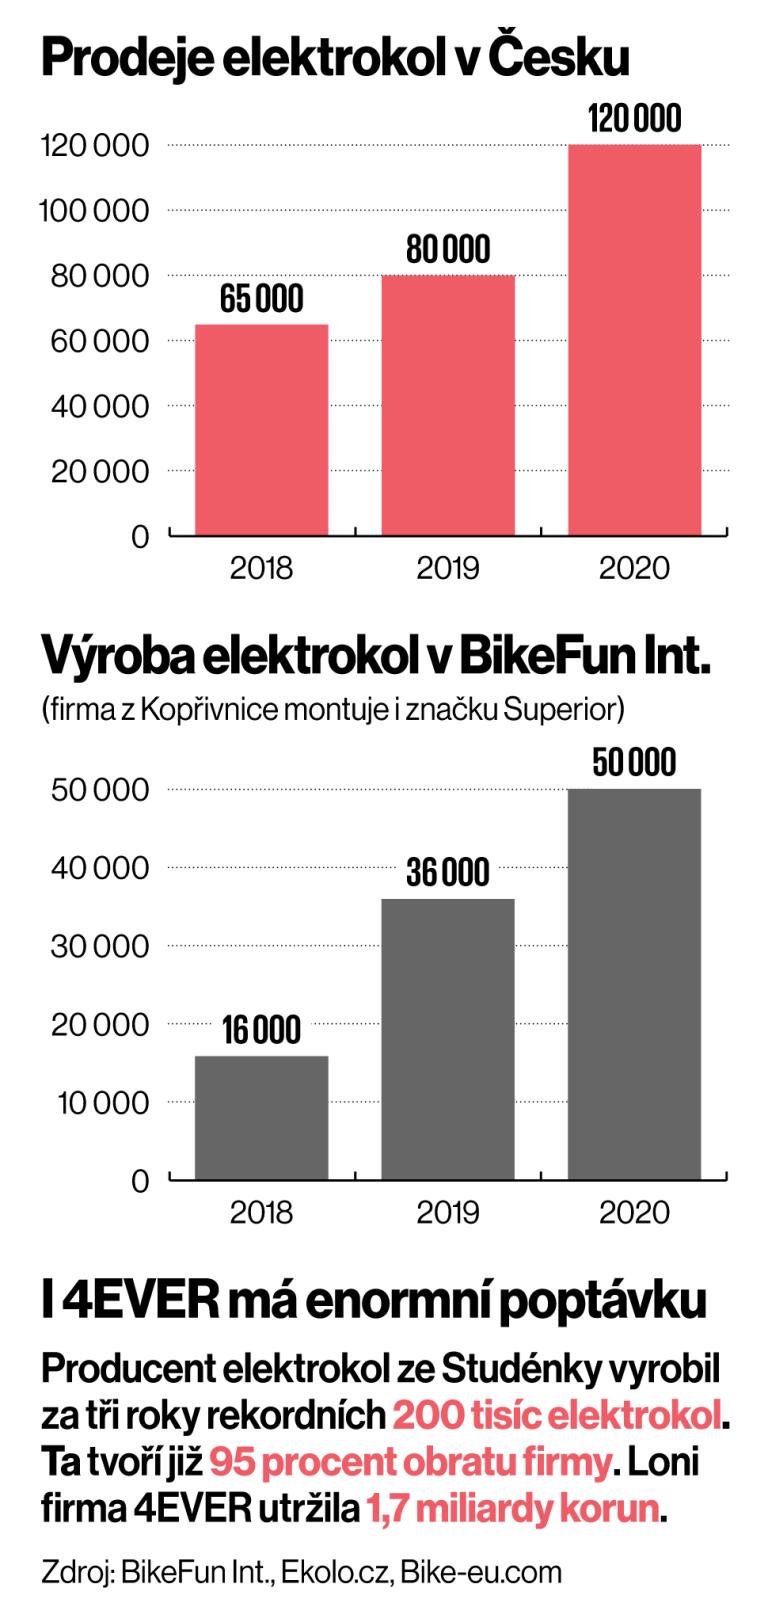 Infografika: Elektrická kola nejsou. Rychlému tempu výrobci nestačí, 240 tisíc, 46 tisíc